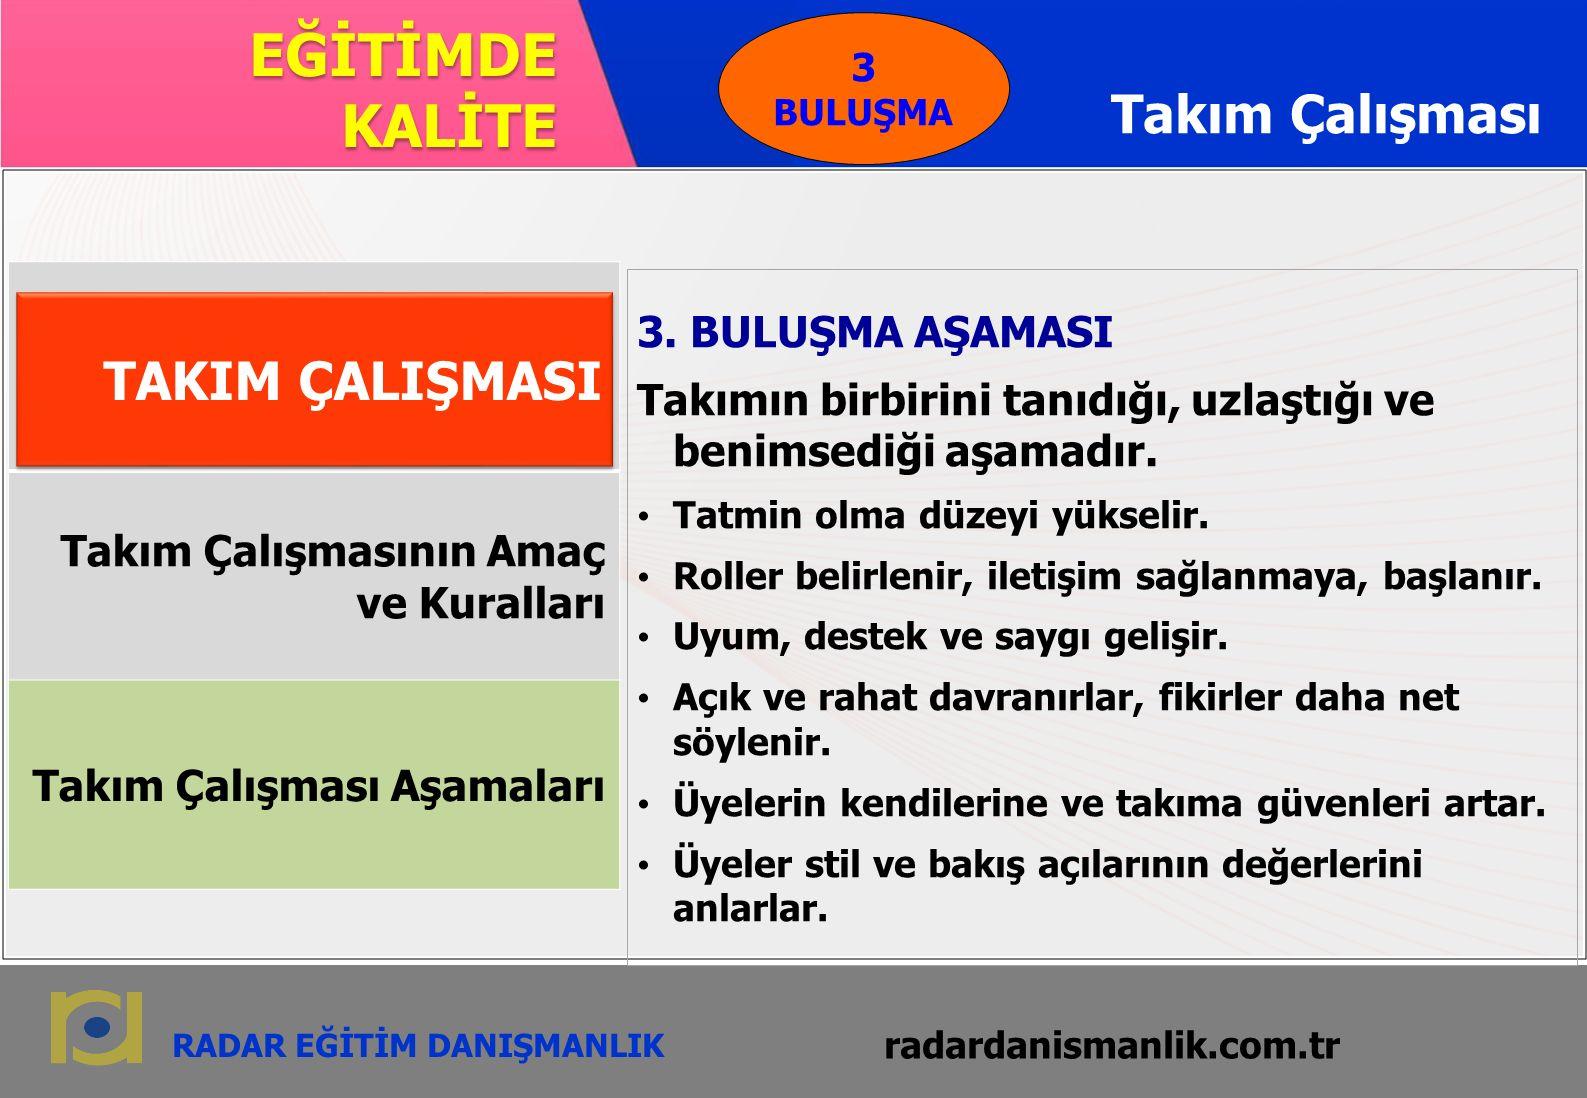 radardanismanlik.com.tr 12 RADAR EĞİTİM DANIŞMANLIK EĞİTİMDE KALİTE radardanismanlik.com.tr Takım Çalışması 3.